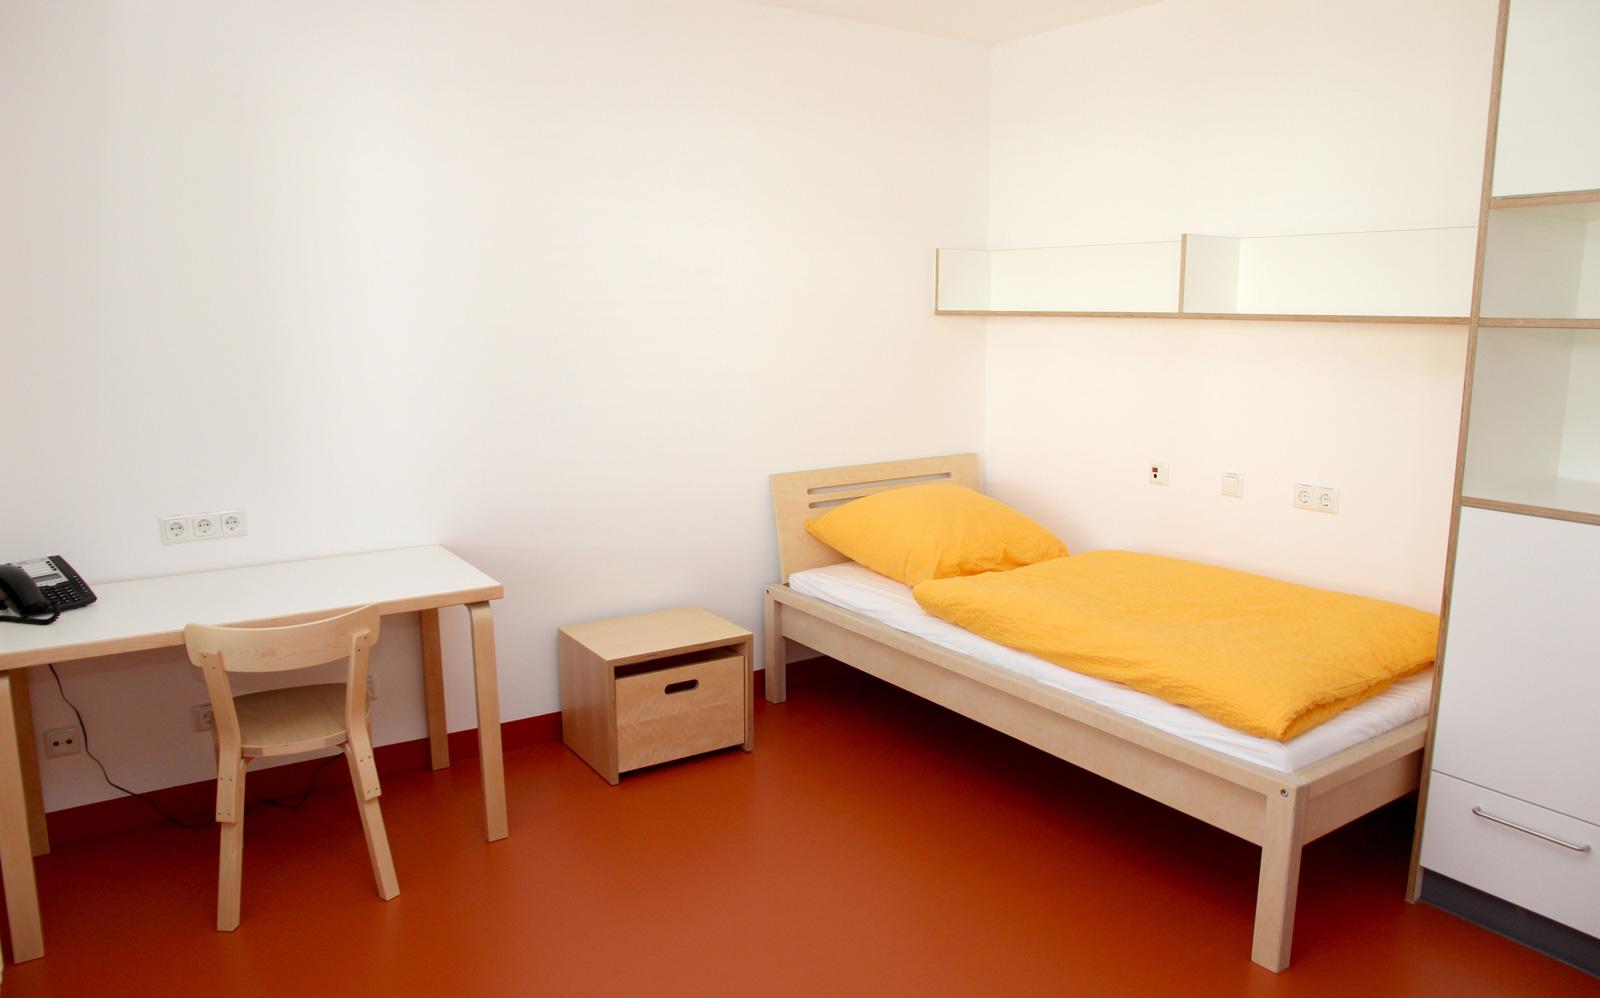 Leben und Wohlfühlen inklusive: Die Apartments sind bereits mit Bett, Sofa, Tisch und Schrank, möbliert.